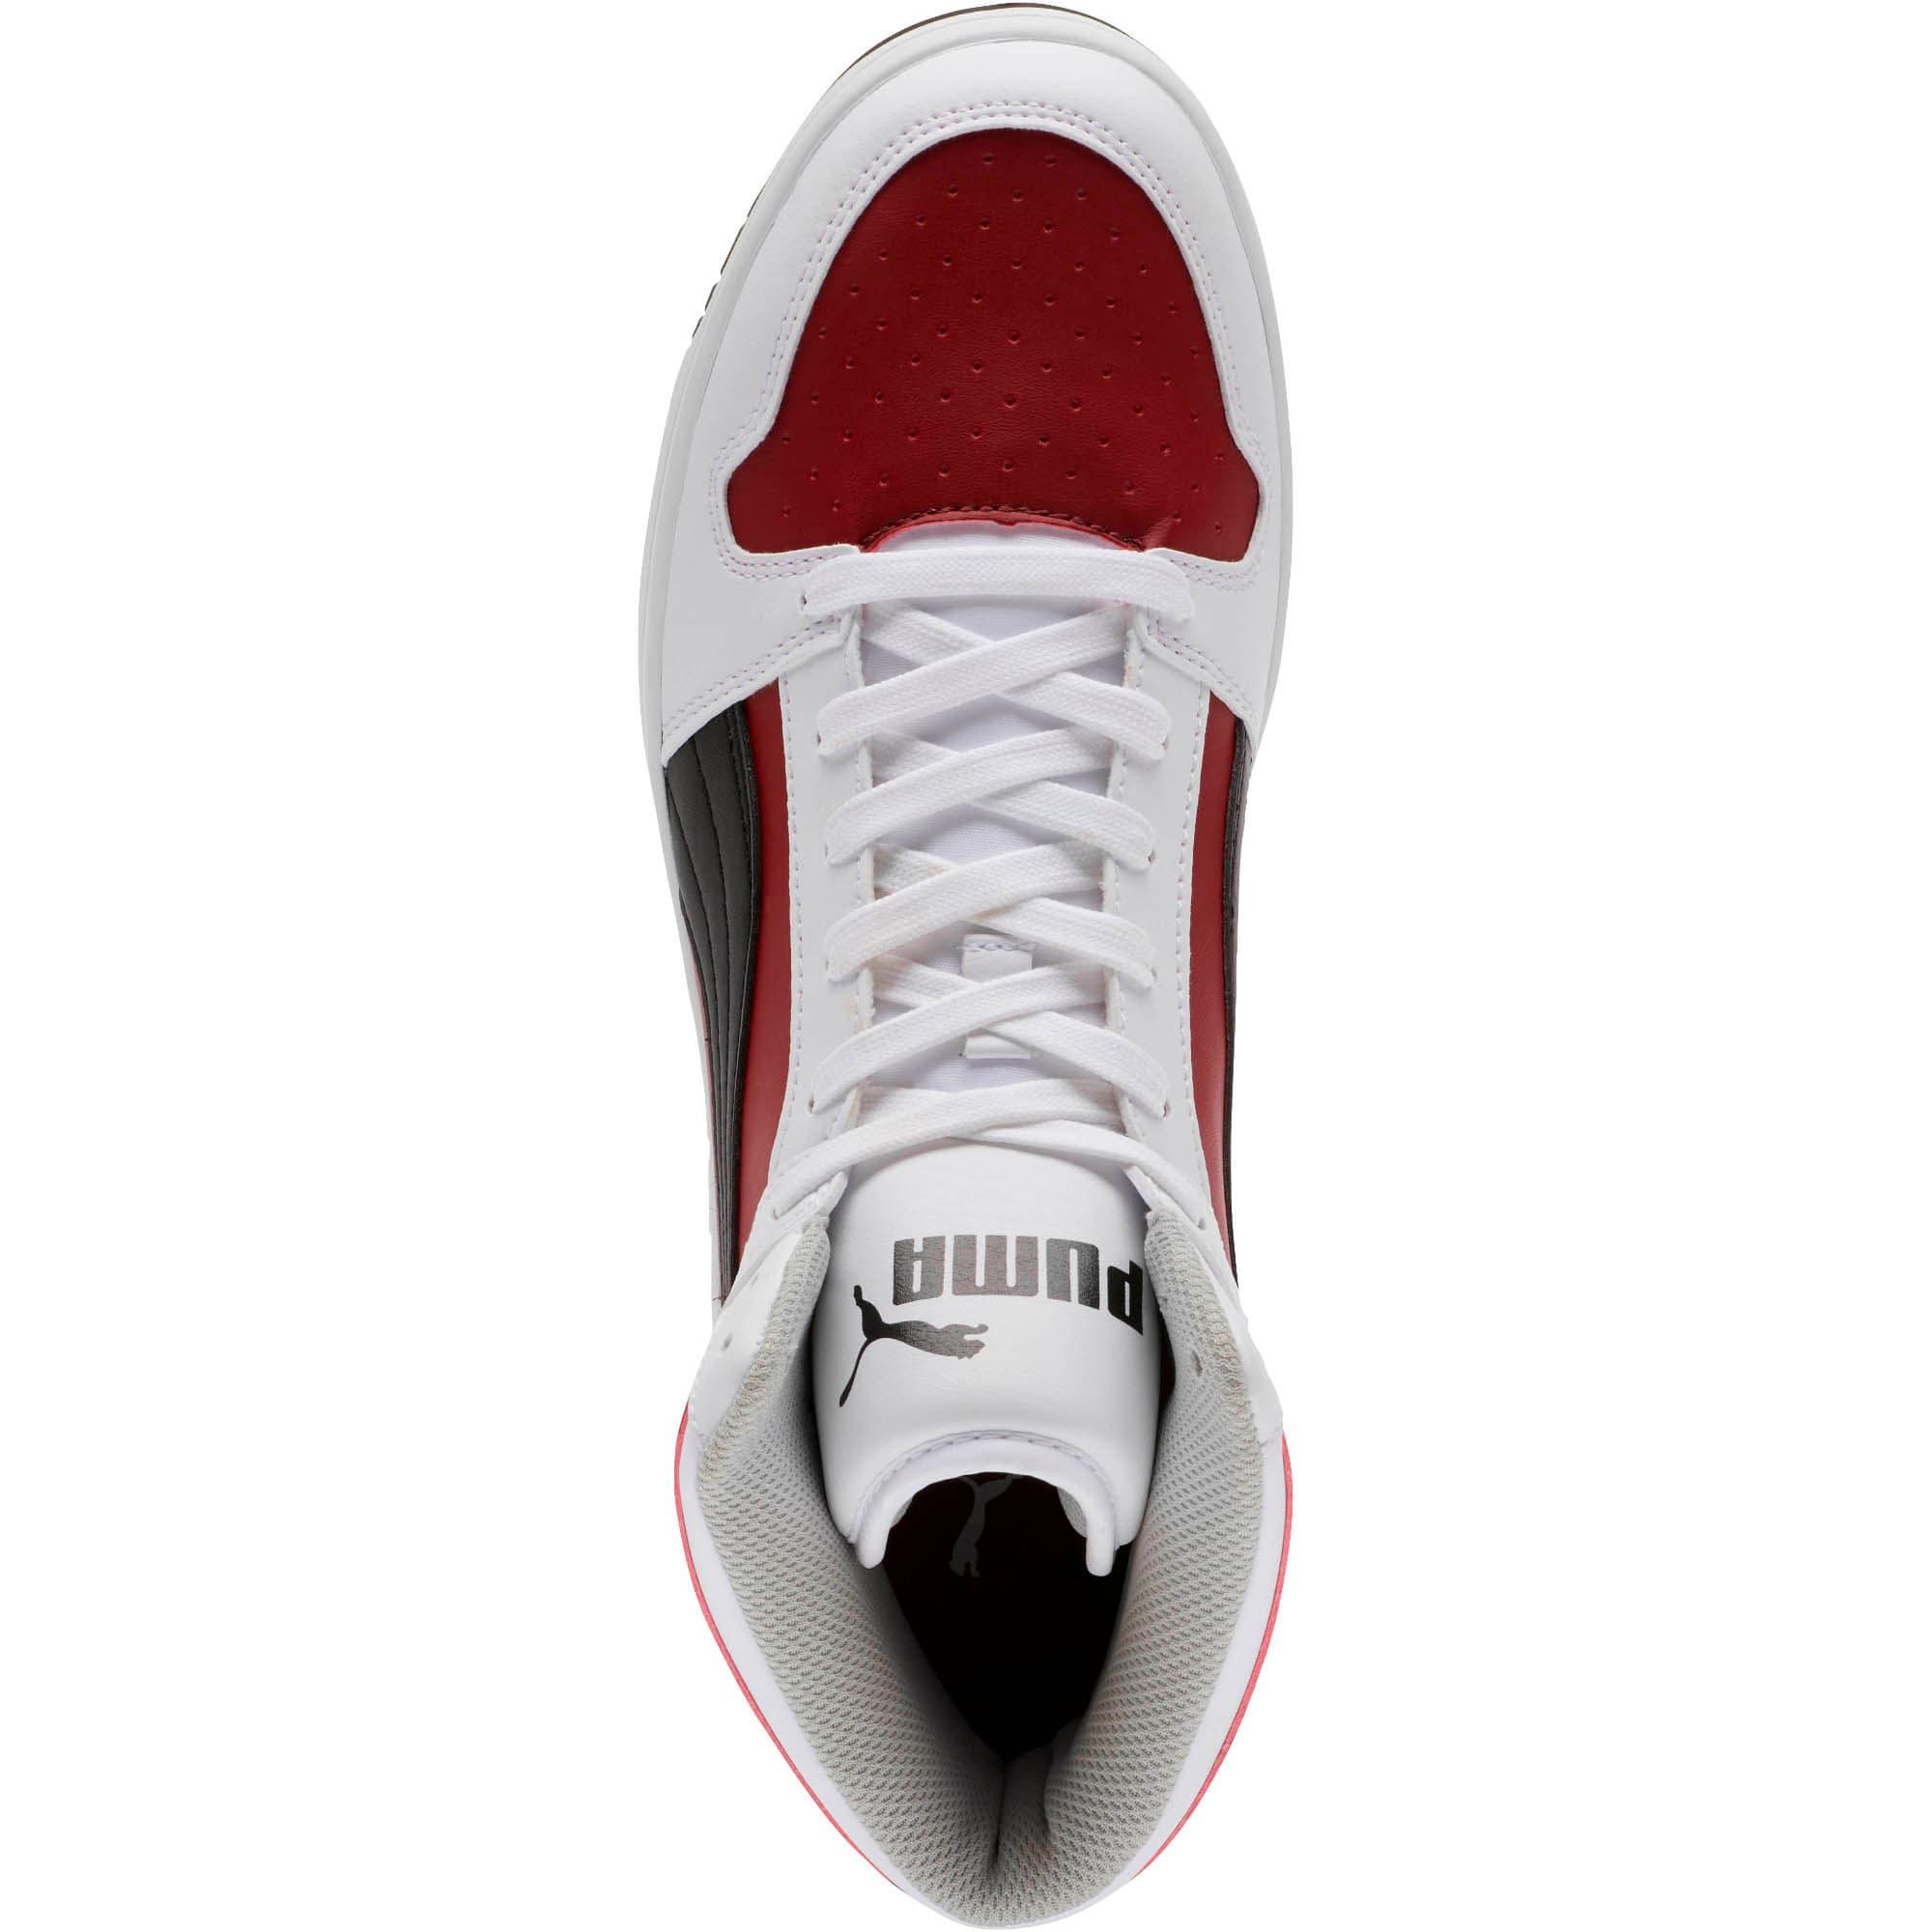 Thumbnail 5 of PUMA Rebound LayUp Sneakers, White-Black-Rhubarb-HighRise, medium